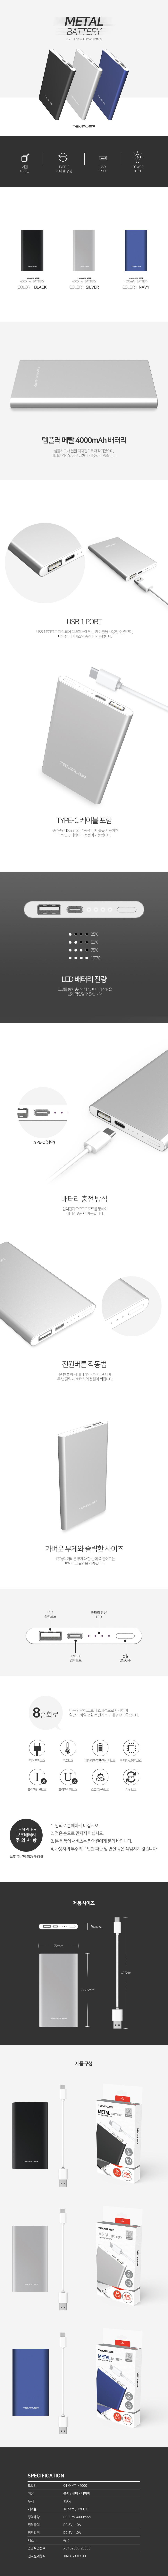 metal_slim_ctype_battery.jpg